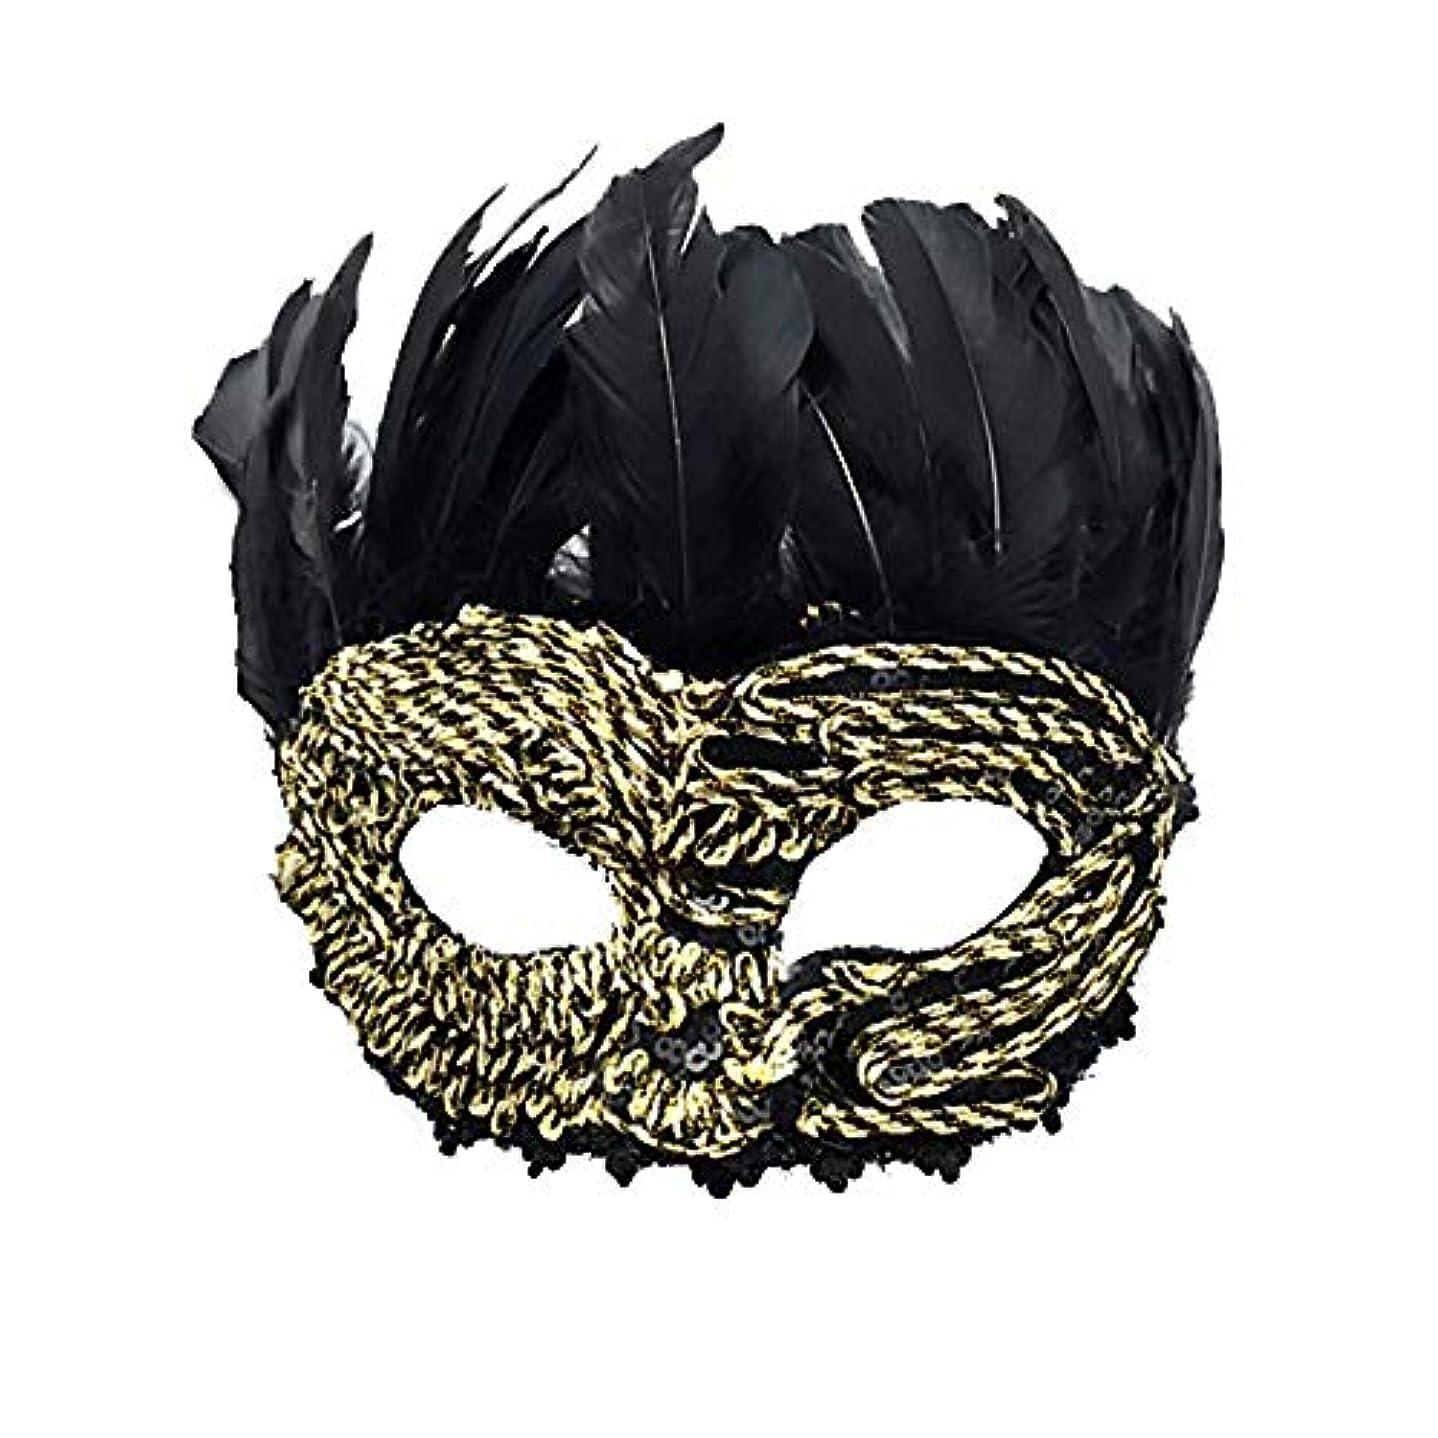 分類懇願する筋Nanle ハロウィーンクリスマスレースフェザースパンコール刺繍マスク仮装マスクレディーメンズミスプリンセス美容祭パーティーデコレーションマスク(カップルモデル) (色 : Style B)